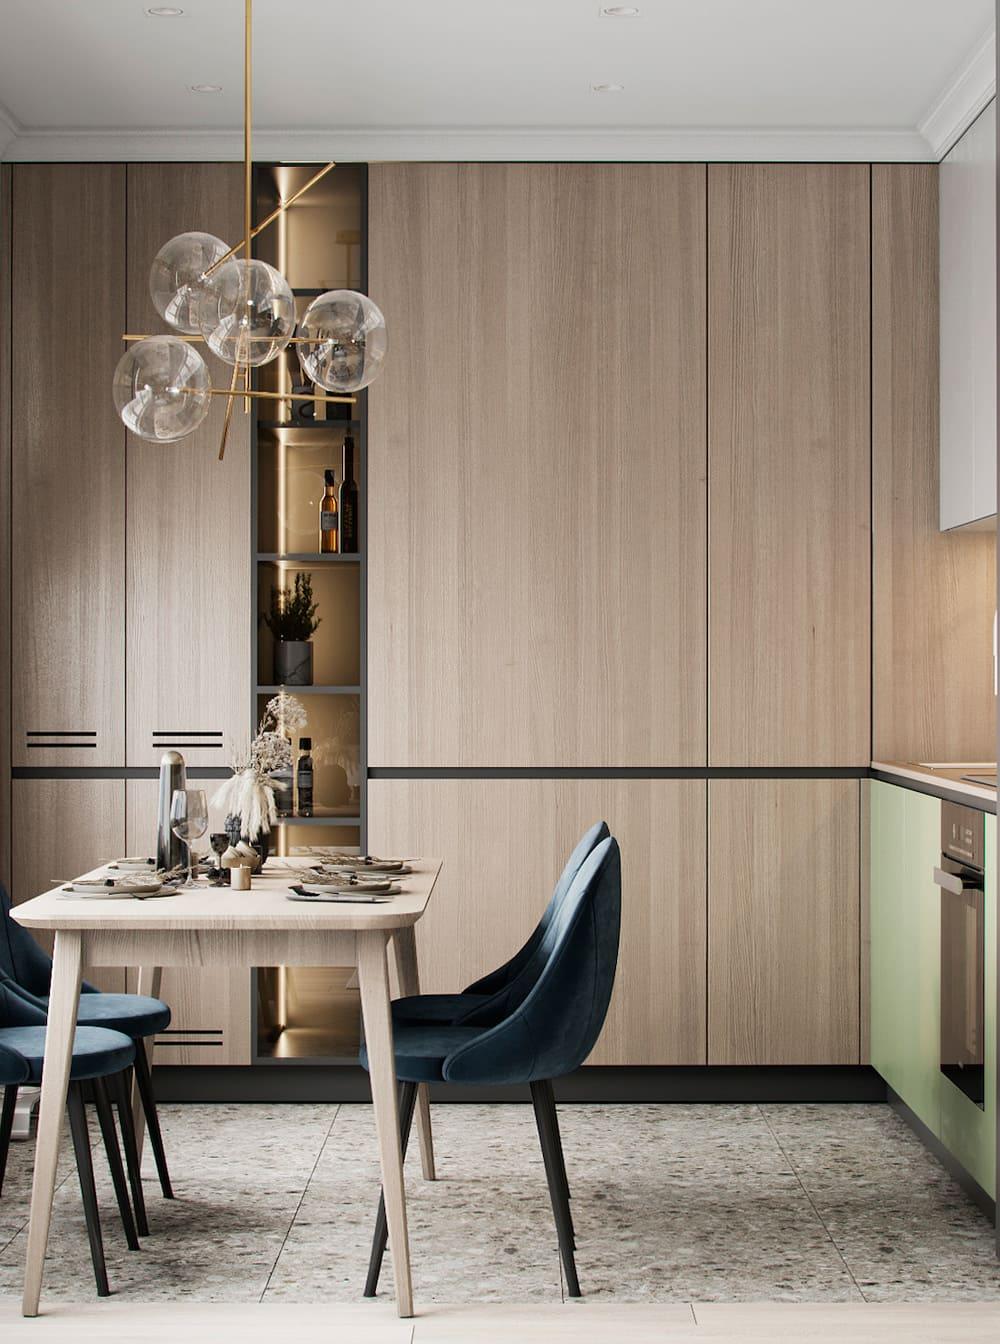 дизайн кухни в современном стиле фото 42